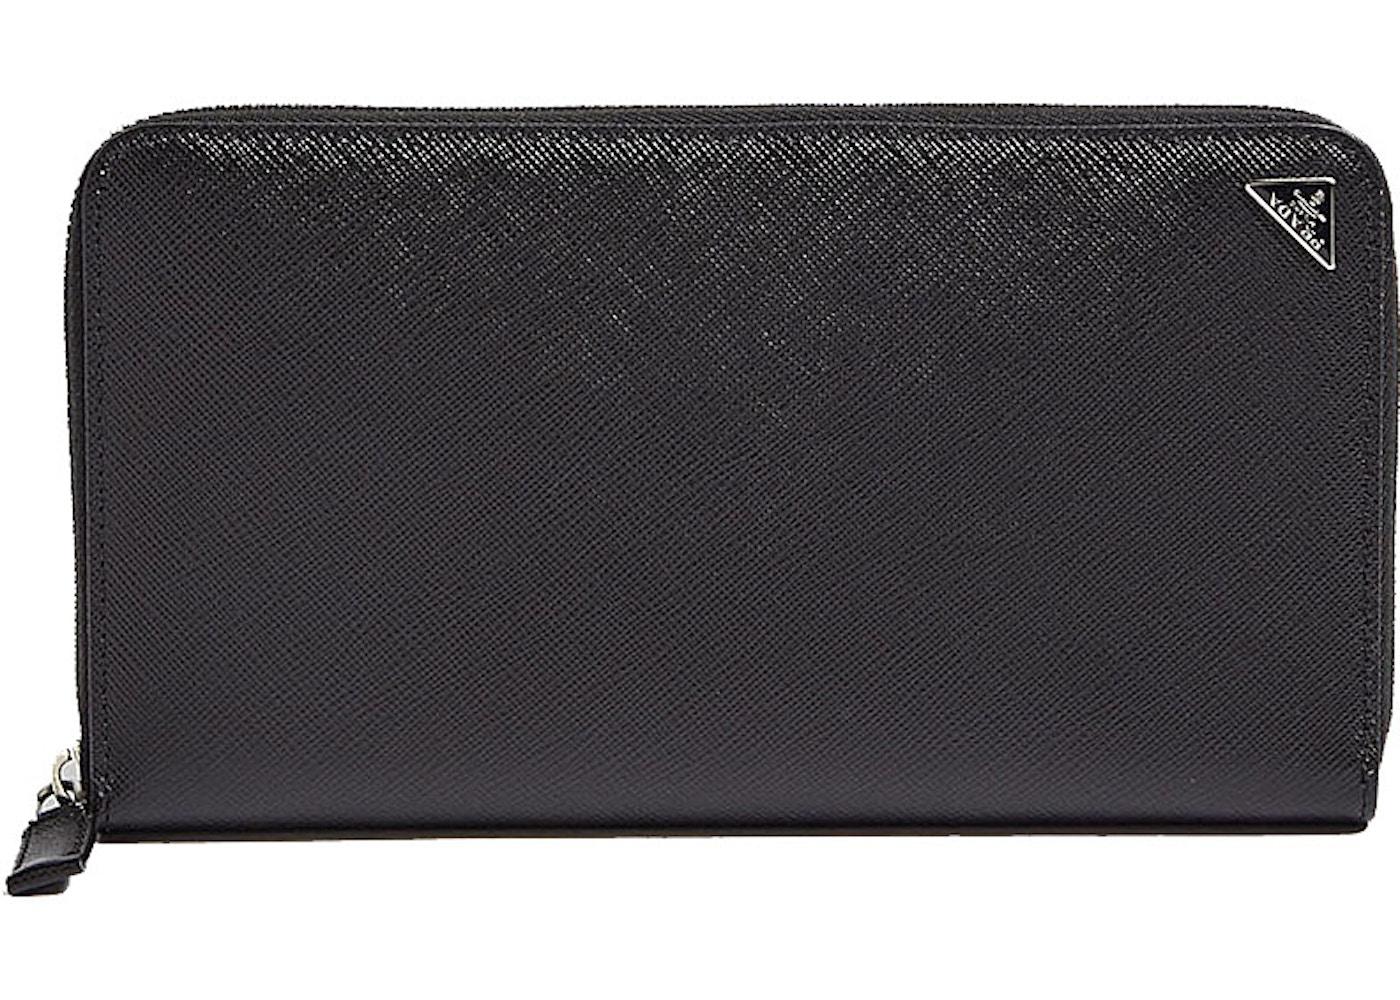 a245e3d08dcb Buy & Sell Prada Luxury Handbags